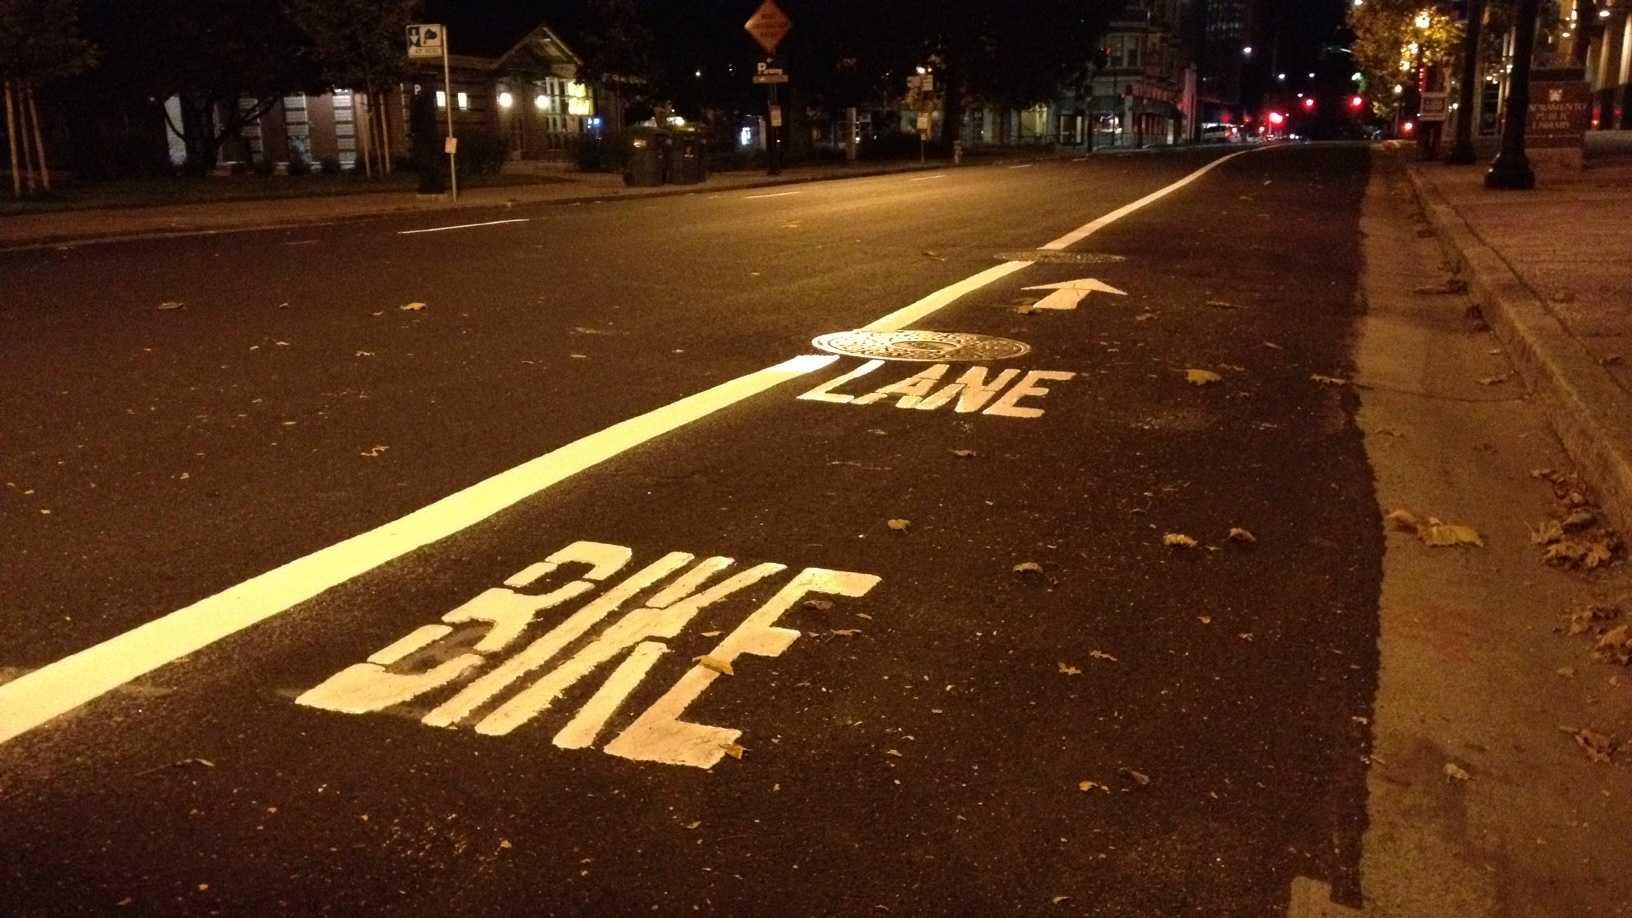 Bike lane striping